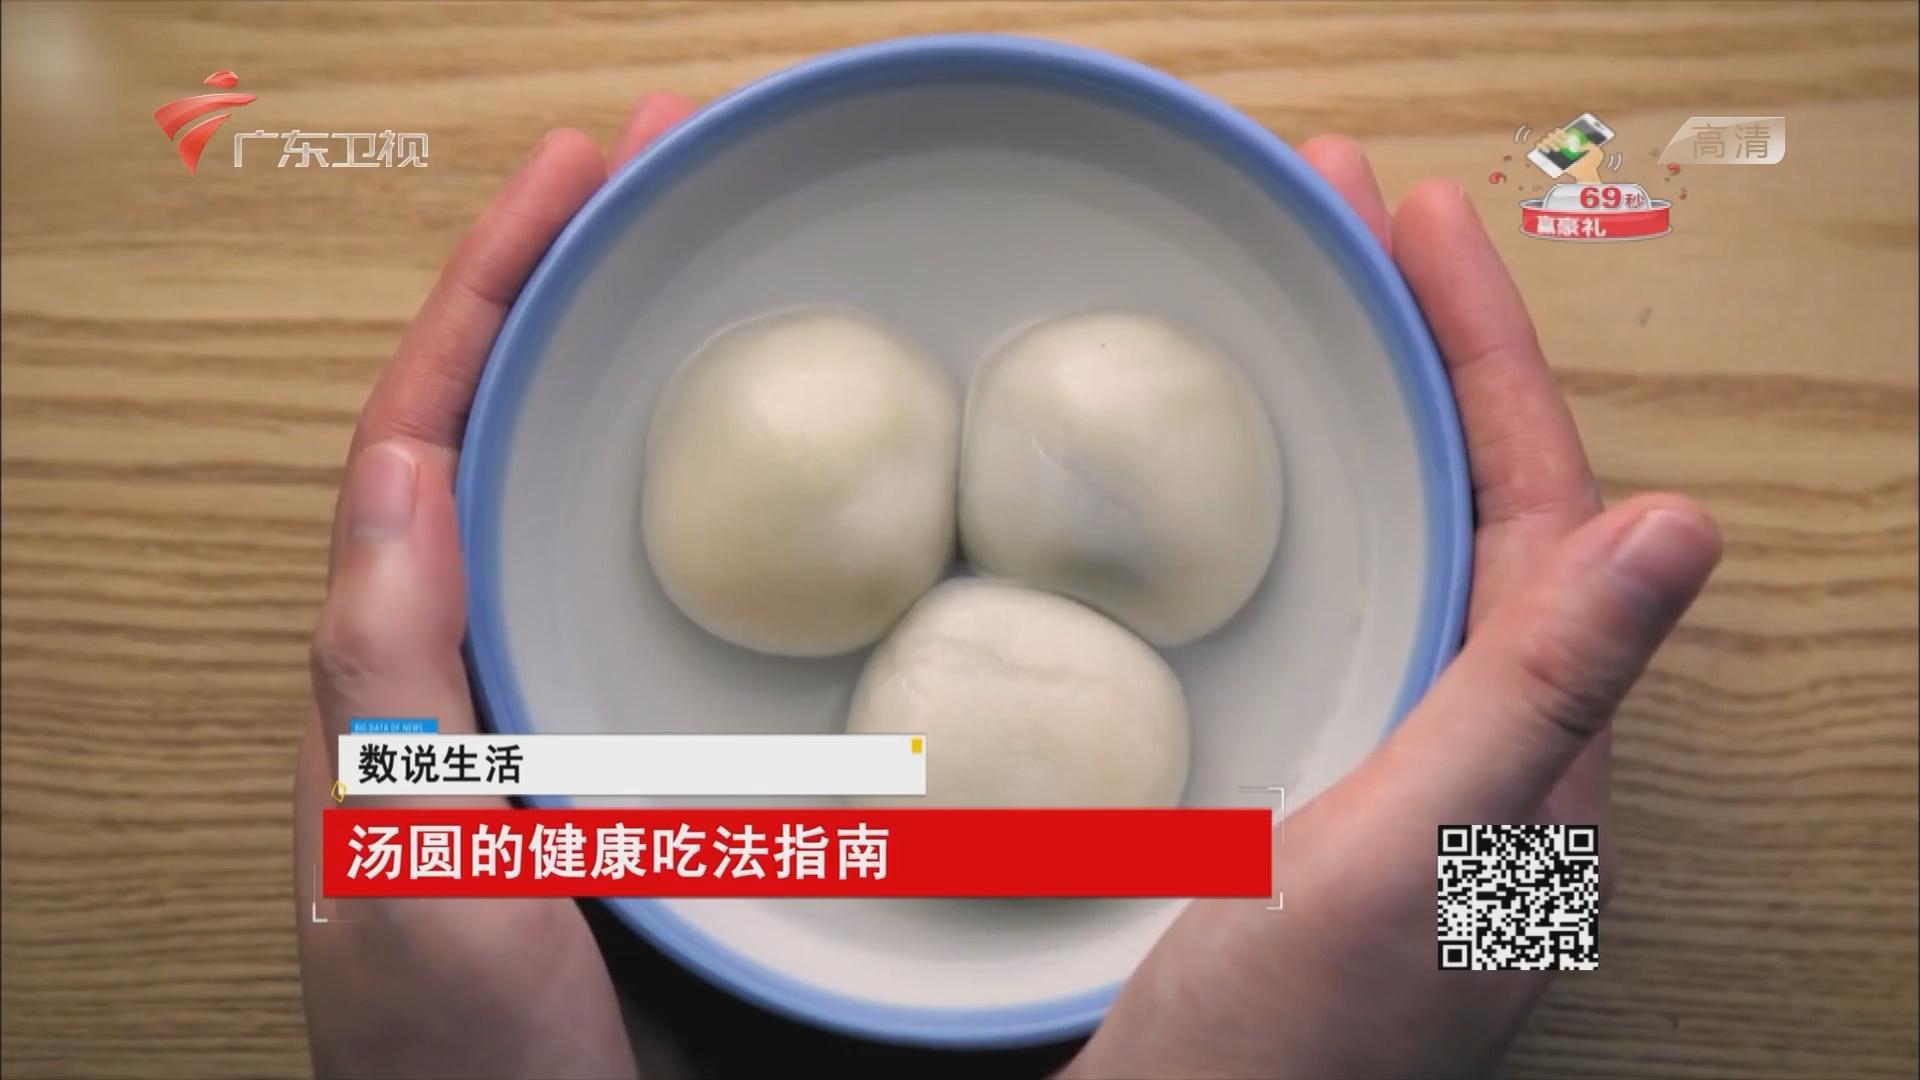 汤圆的健康吃法指南